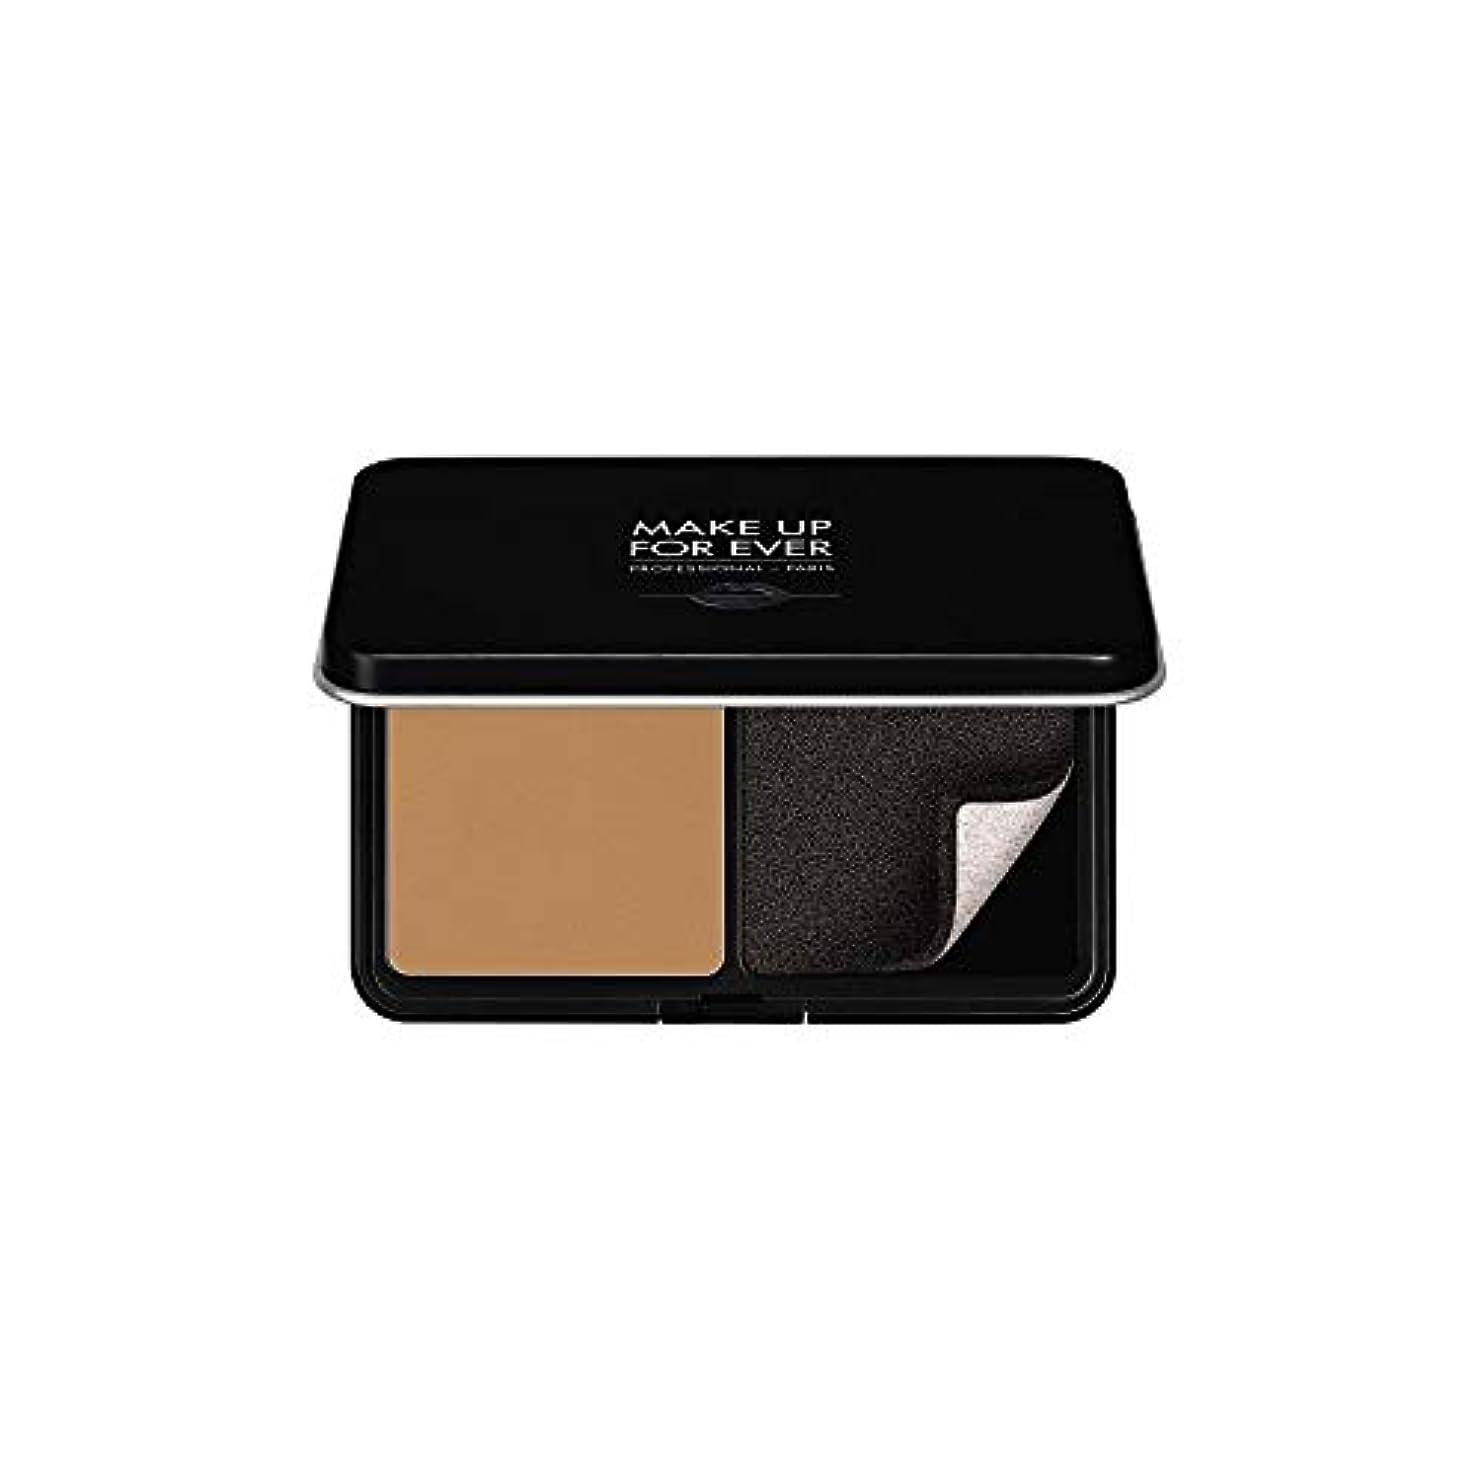 くびれた添加剤トークメイクアップフォーエバー Matte Velvet Skin Blurring Powder Foundation - # Y415 (Almond) 11g/0.38oz並行輸入品